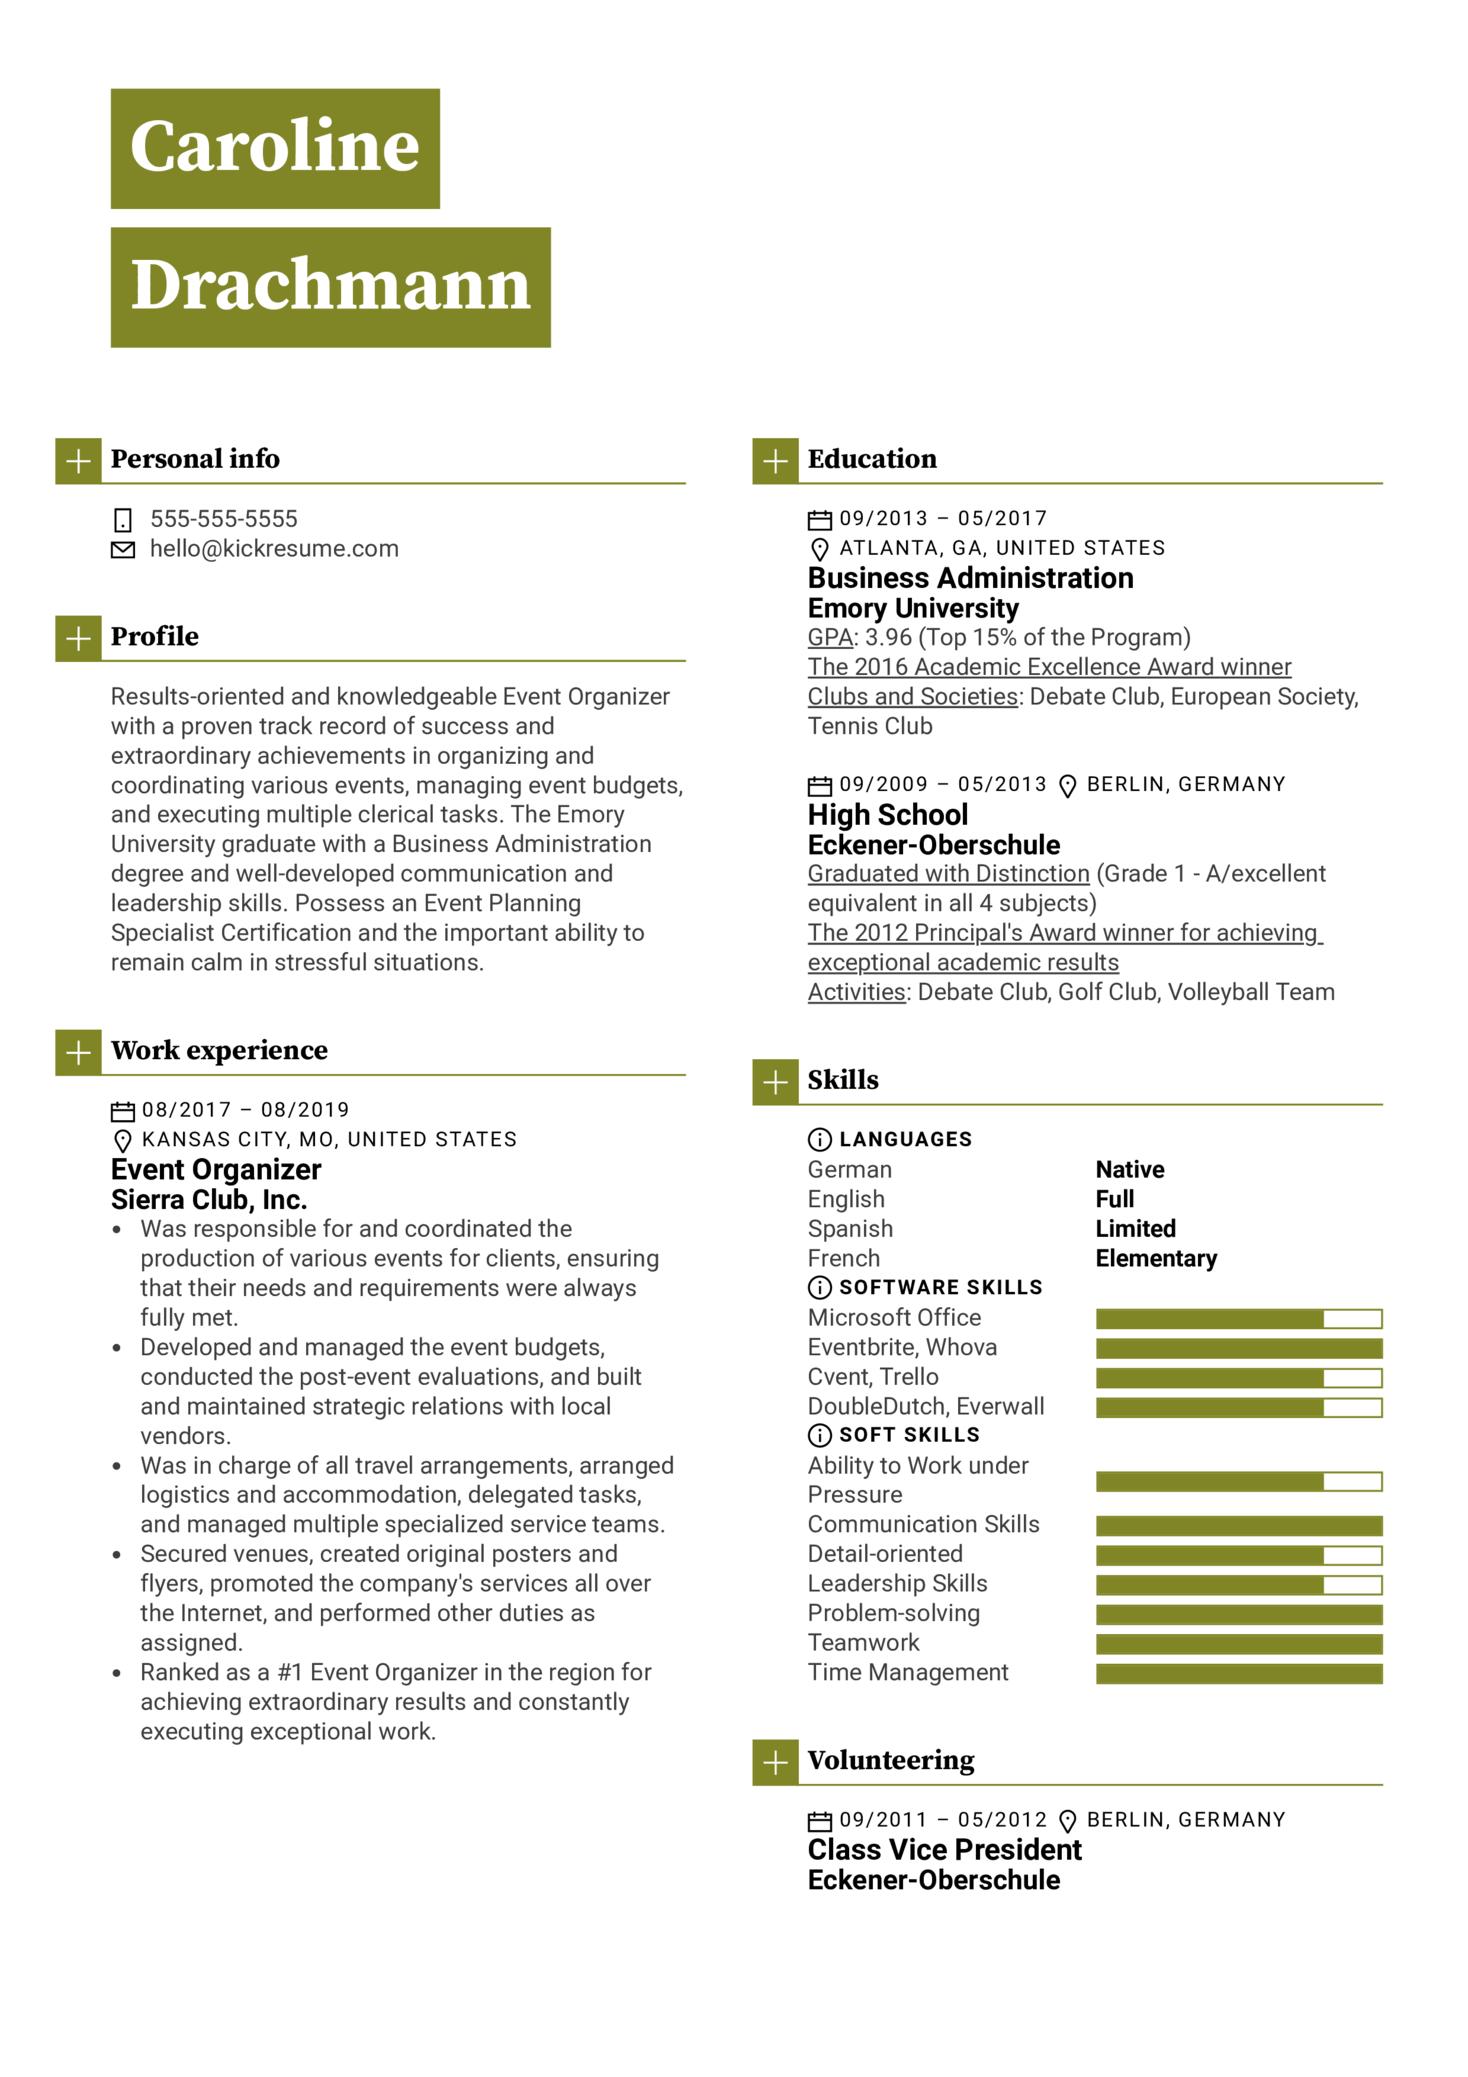 Event Organizer Resume Example (parte 1)